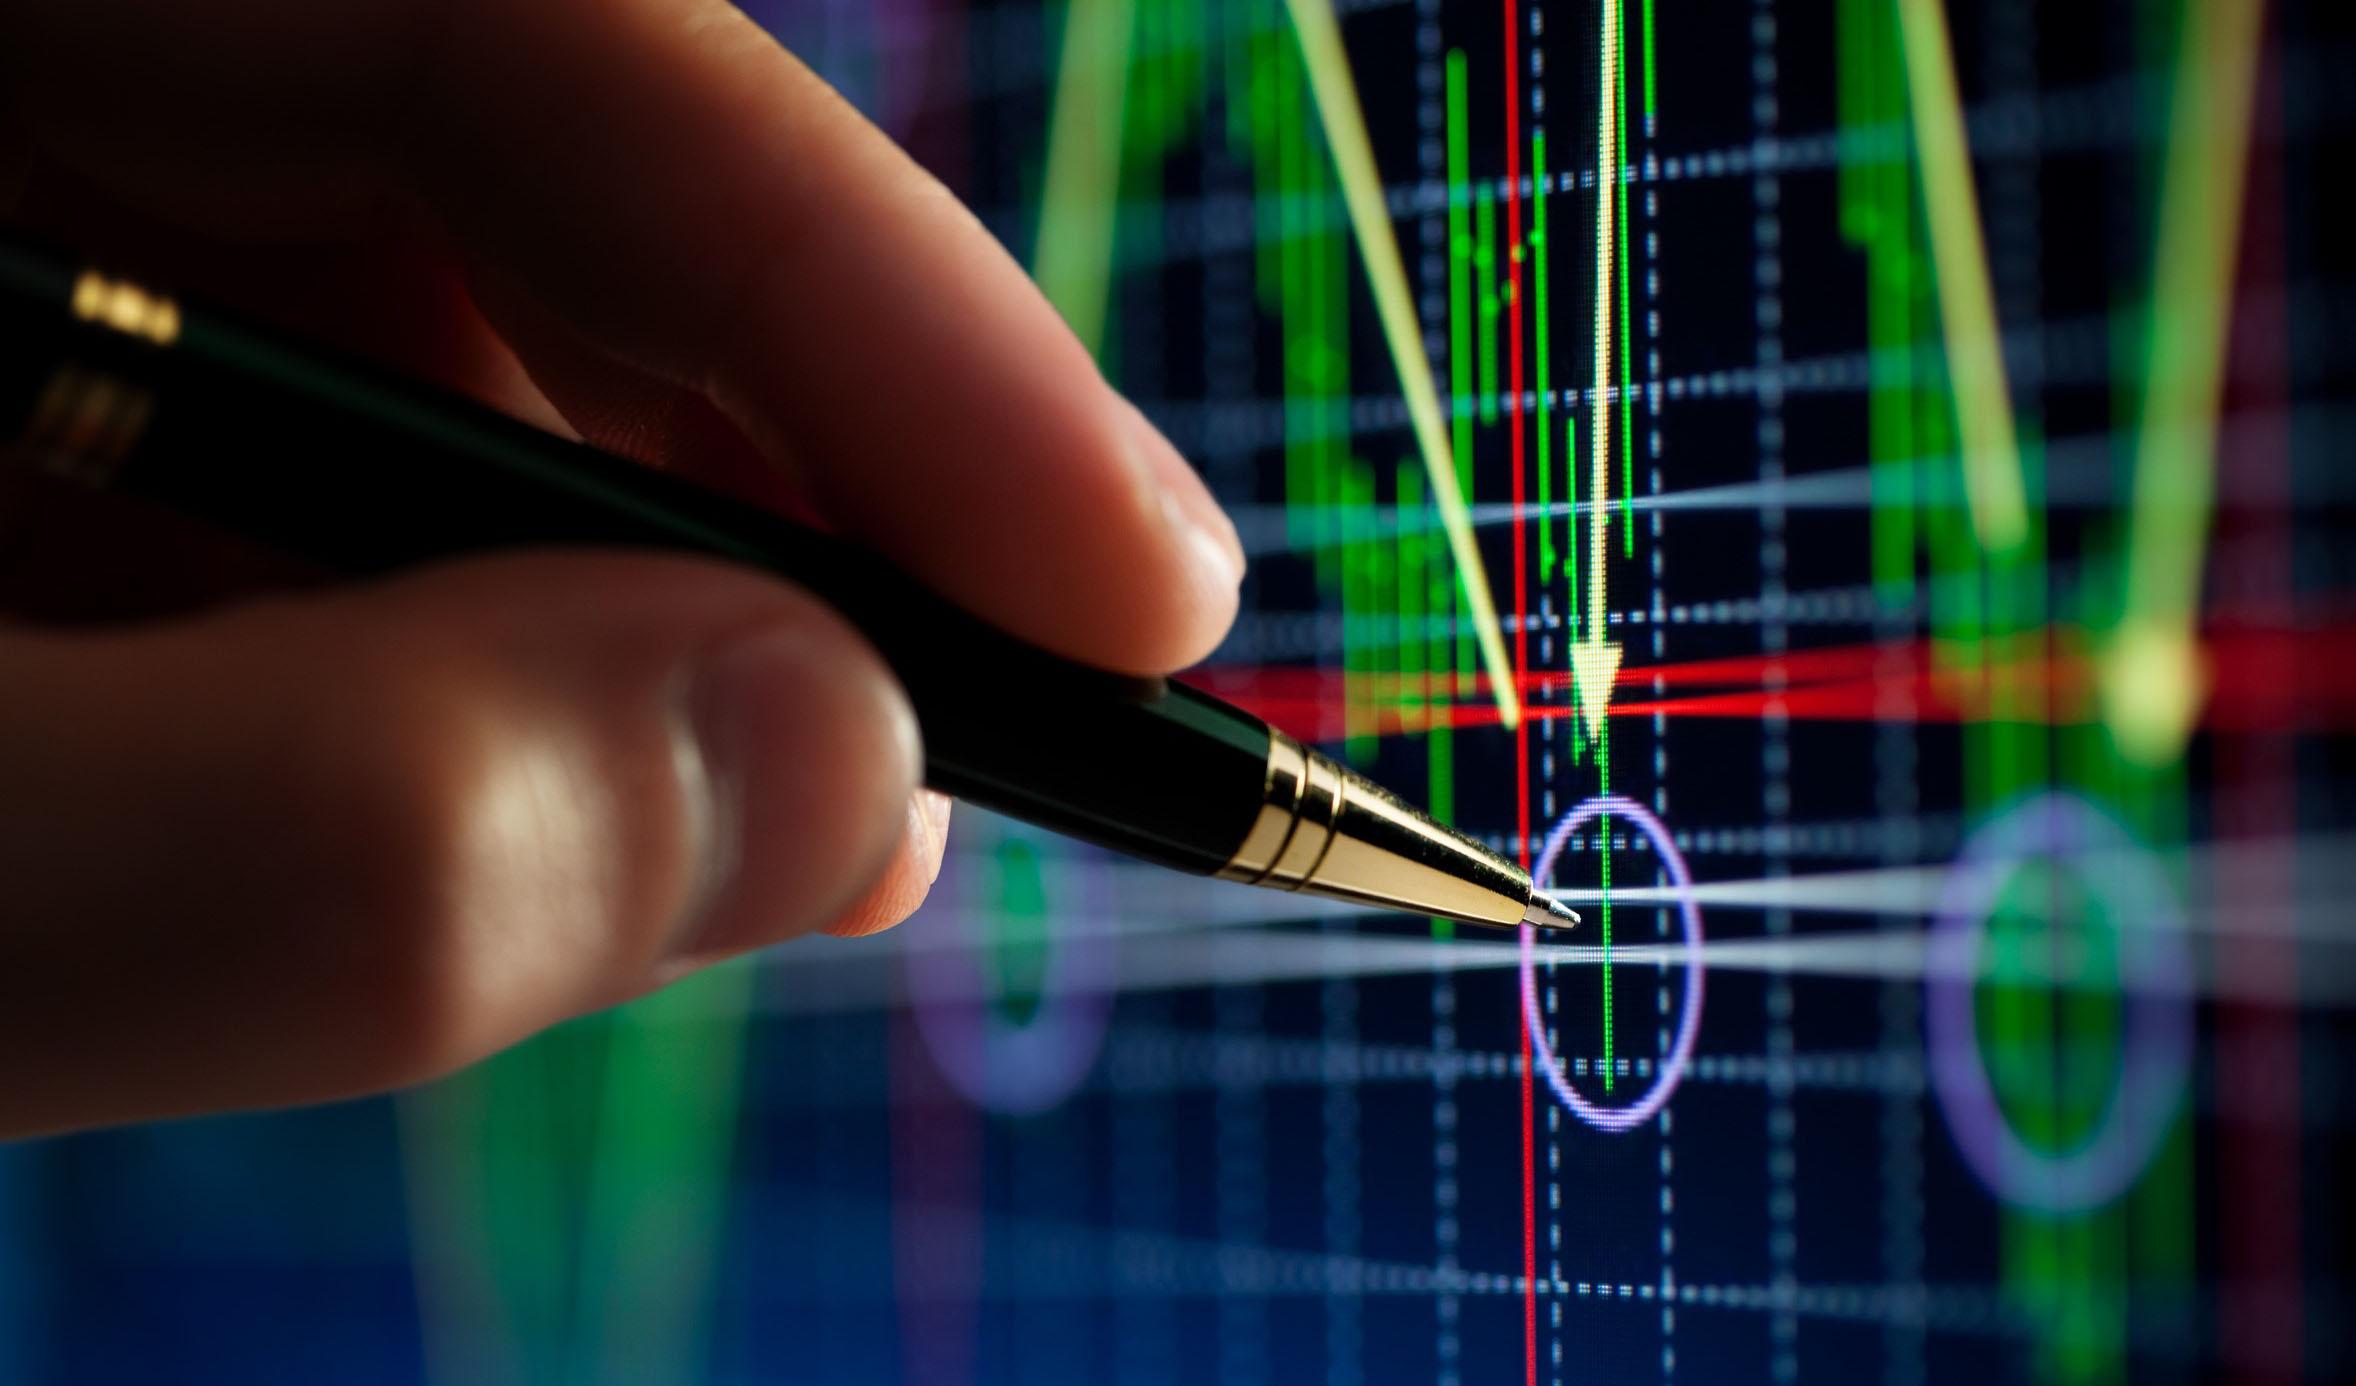 اعلام جزئیات تغییر دامنه نوسان شرکتهای بورسی و فرابورسی